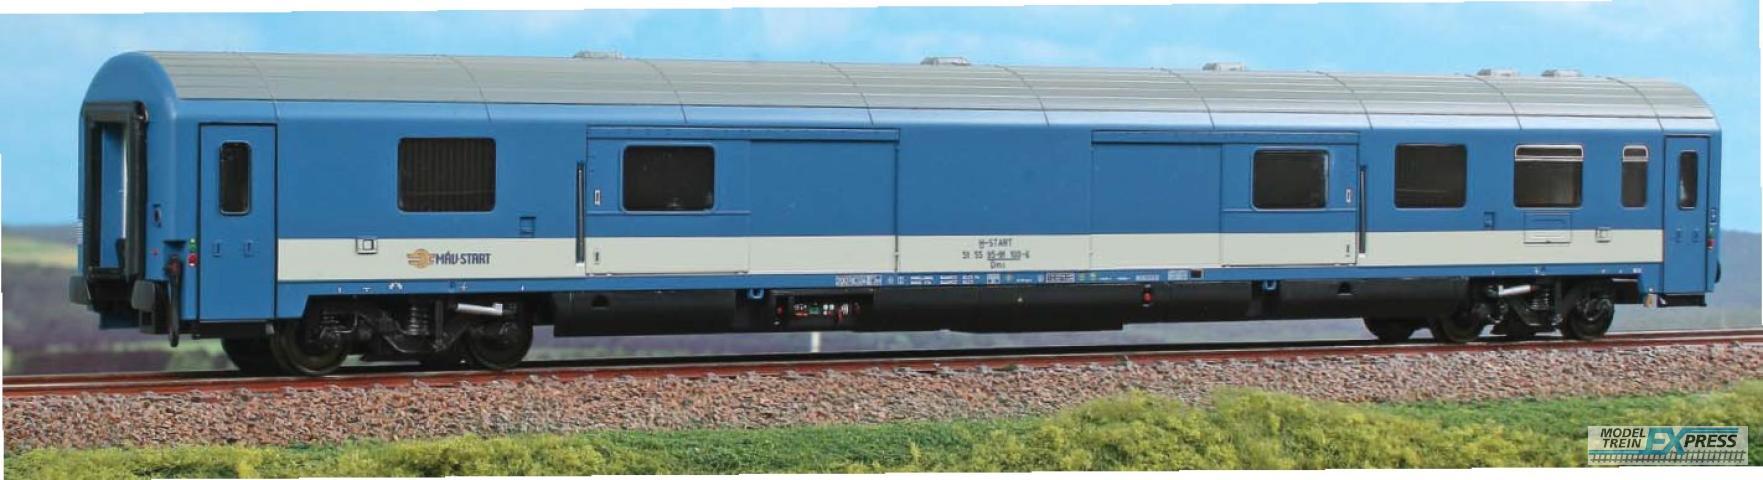 ACME 52053